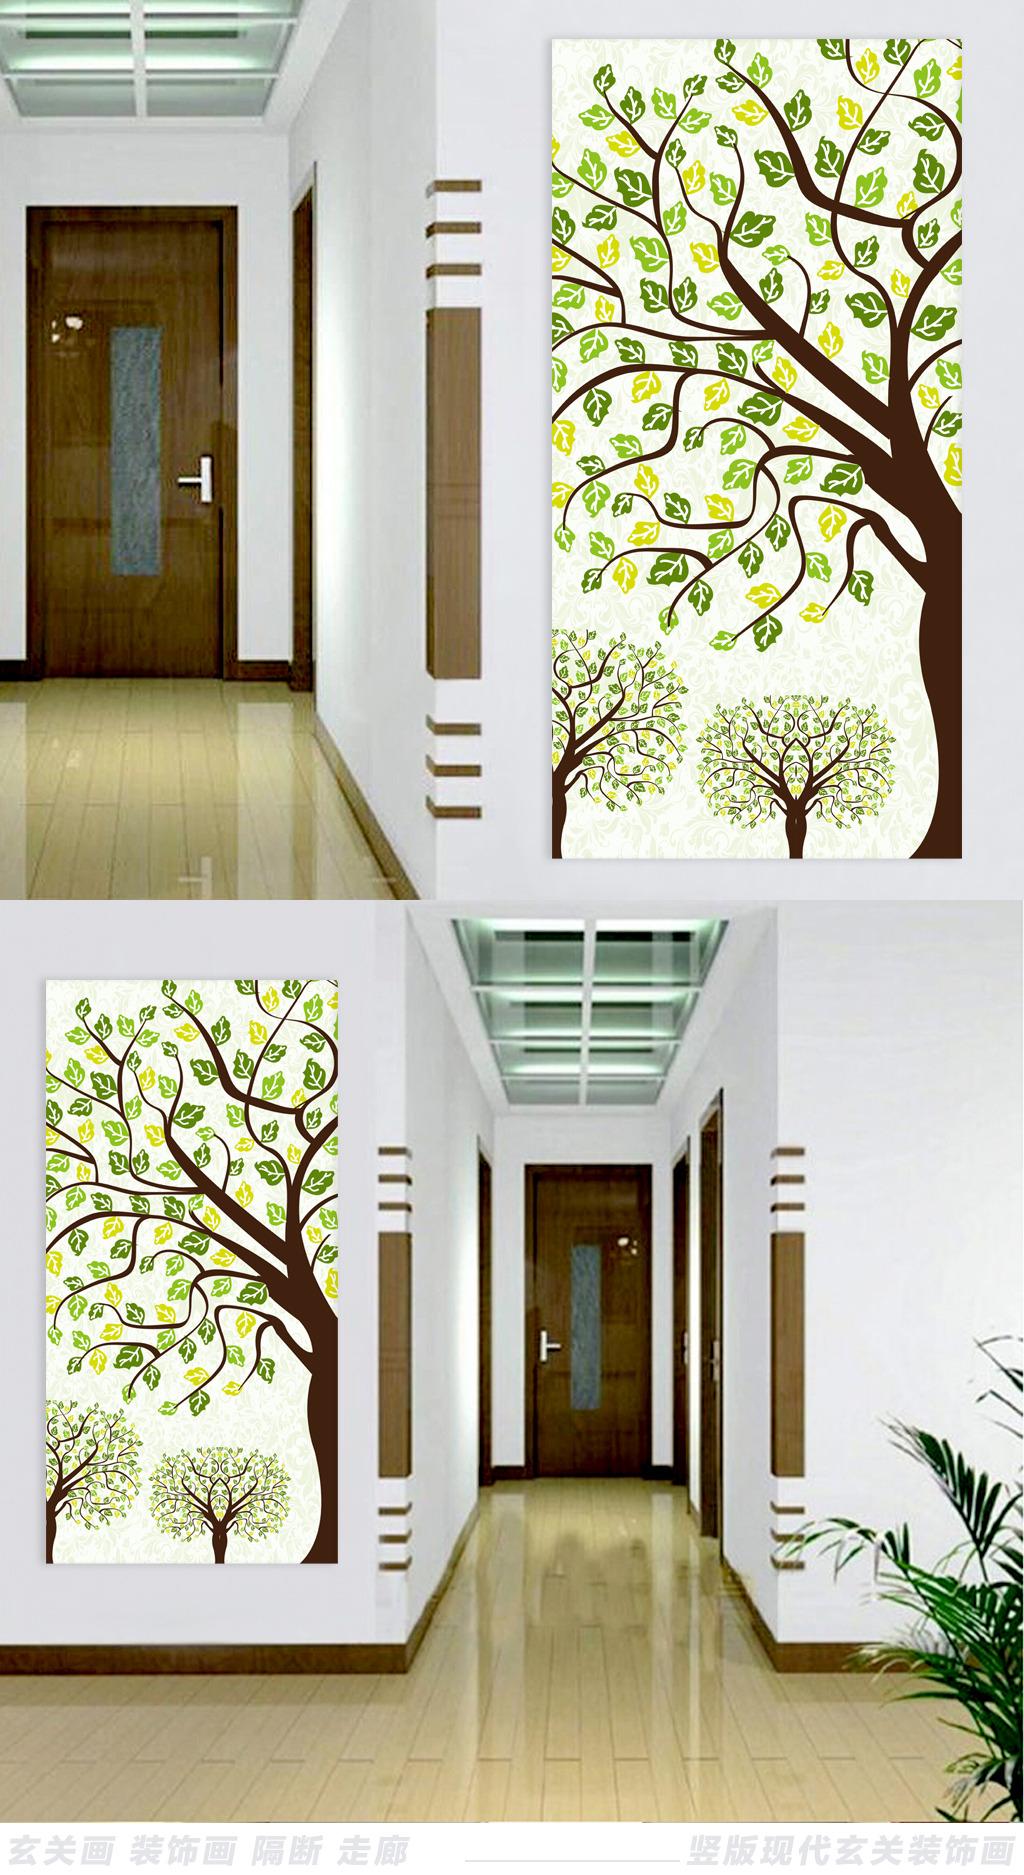 > 手绘卡通大树现代玄关装饰画  原创正版授权 软件 : photoshop cs2